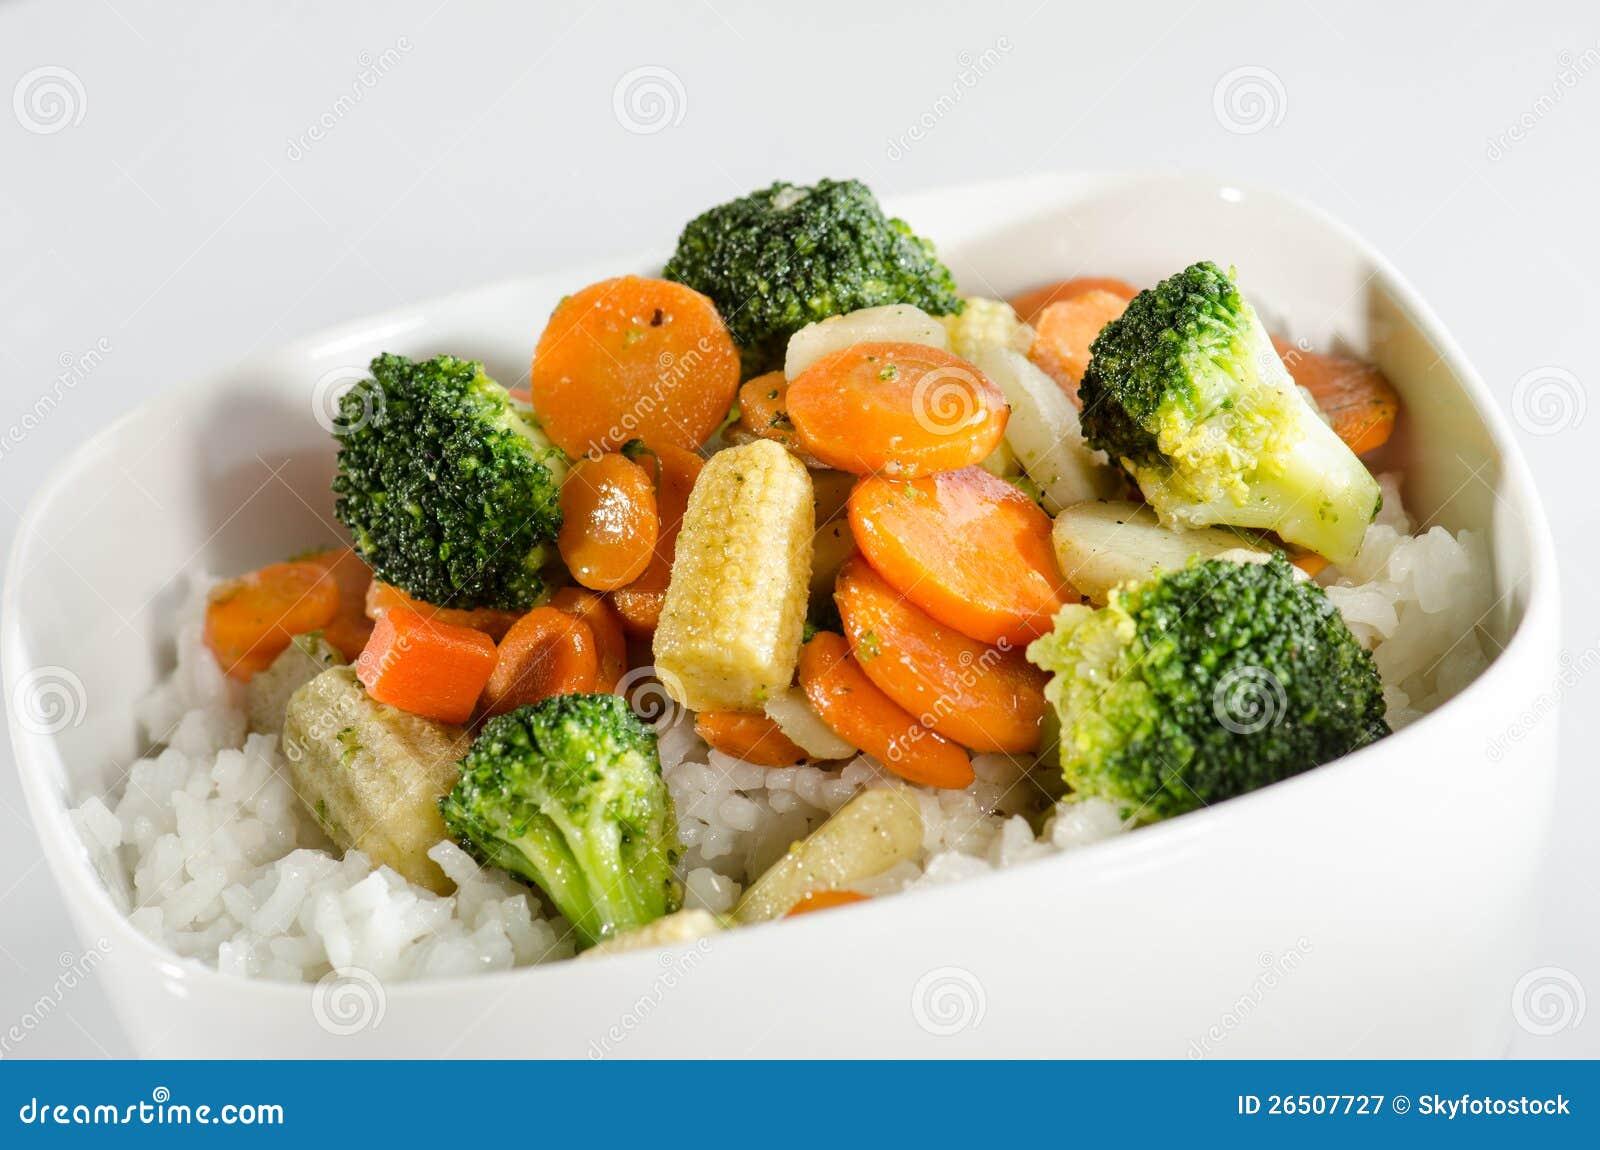 Arroz e vegetais sautéed